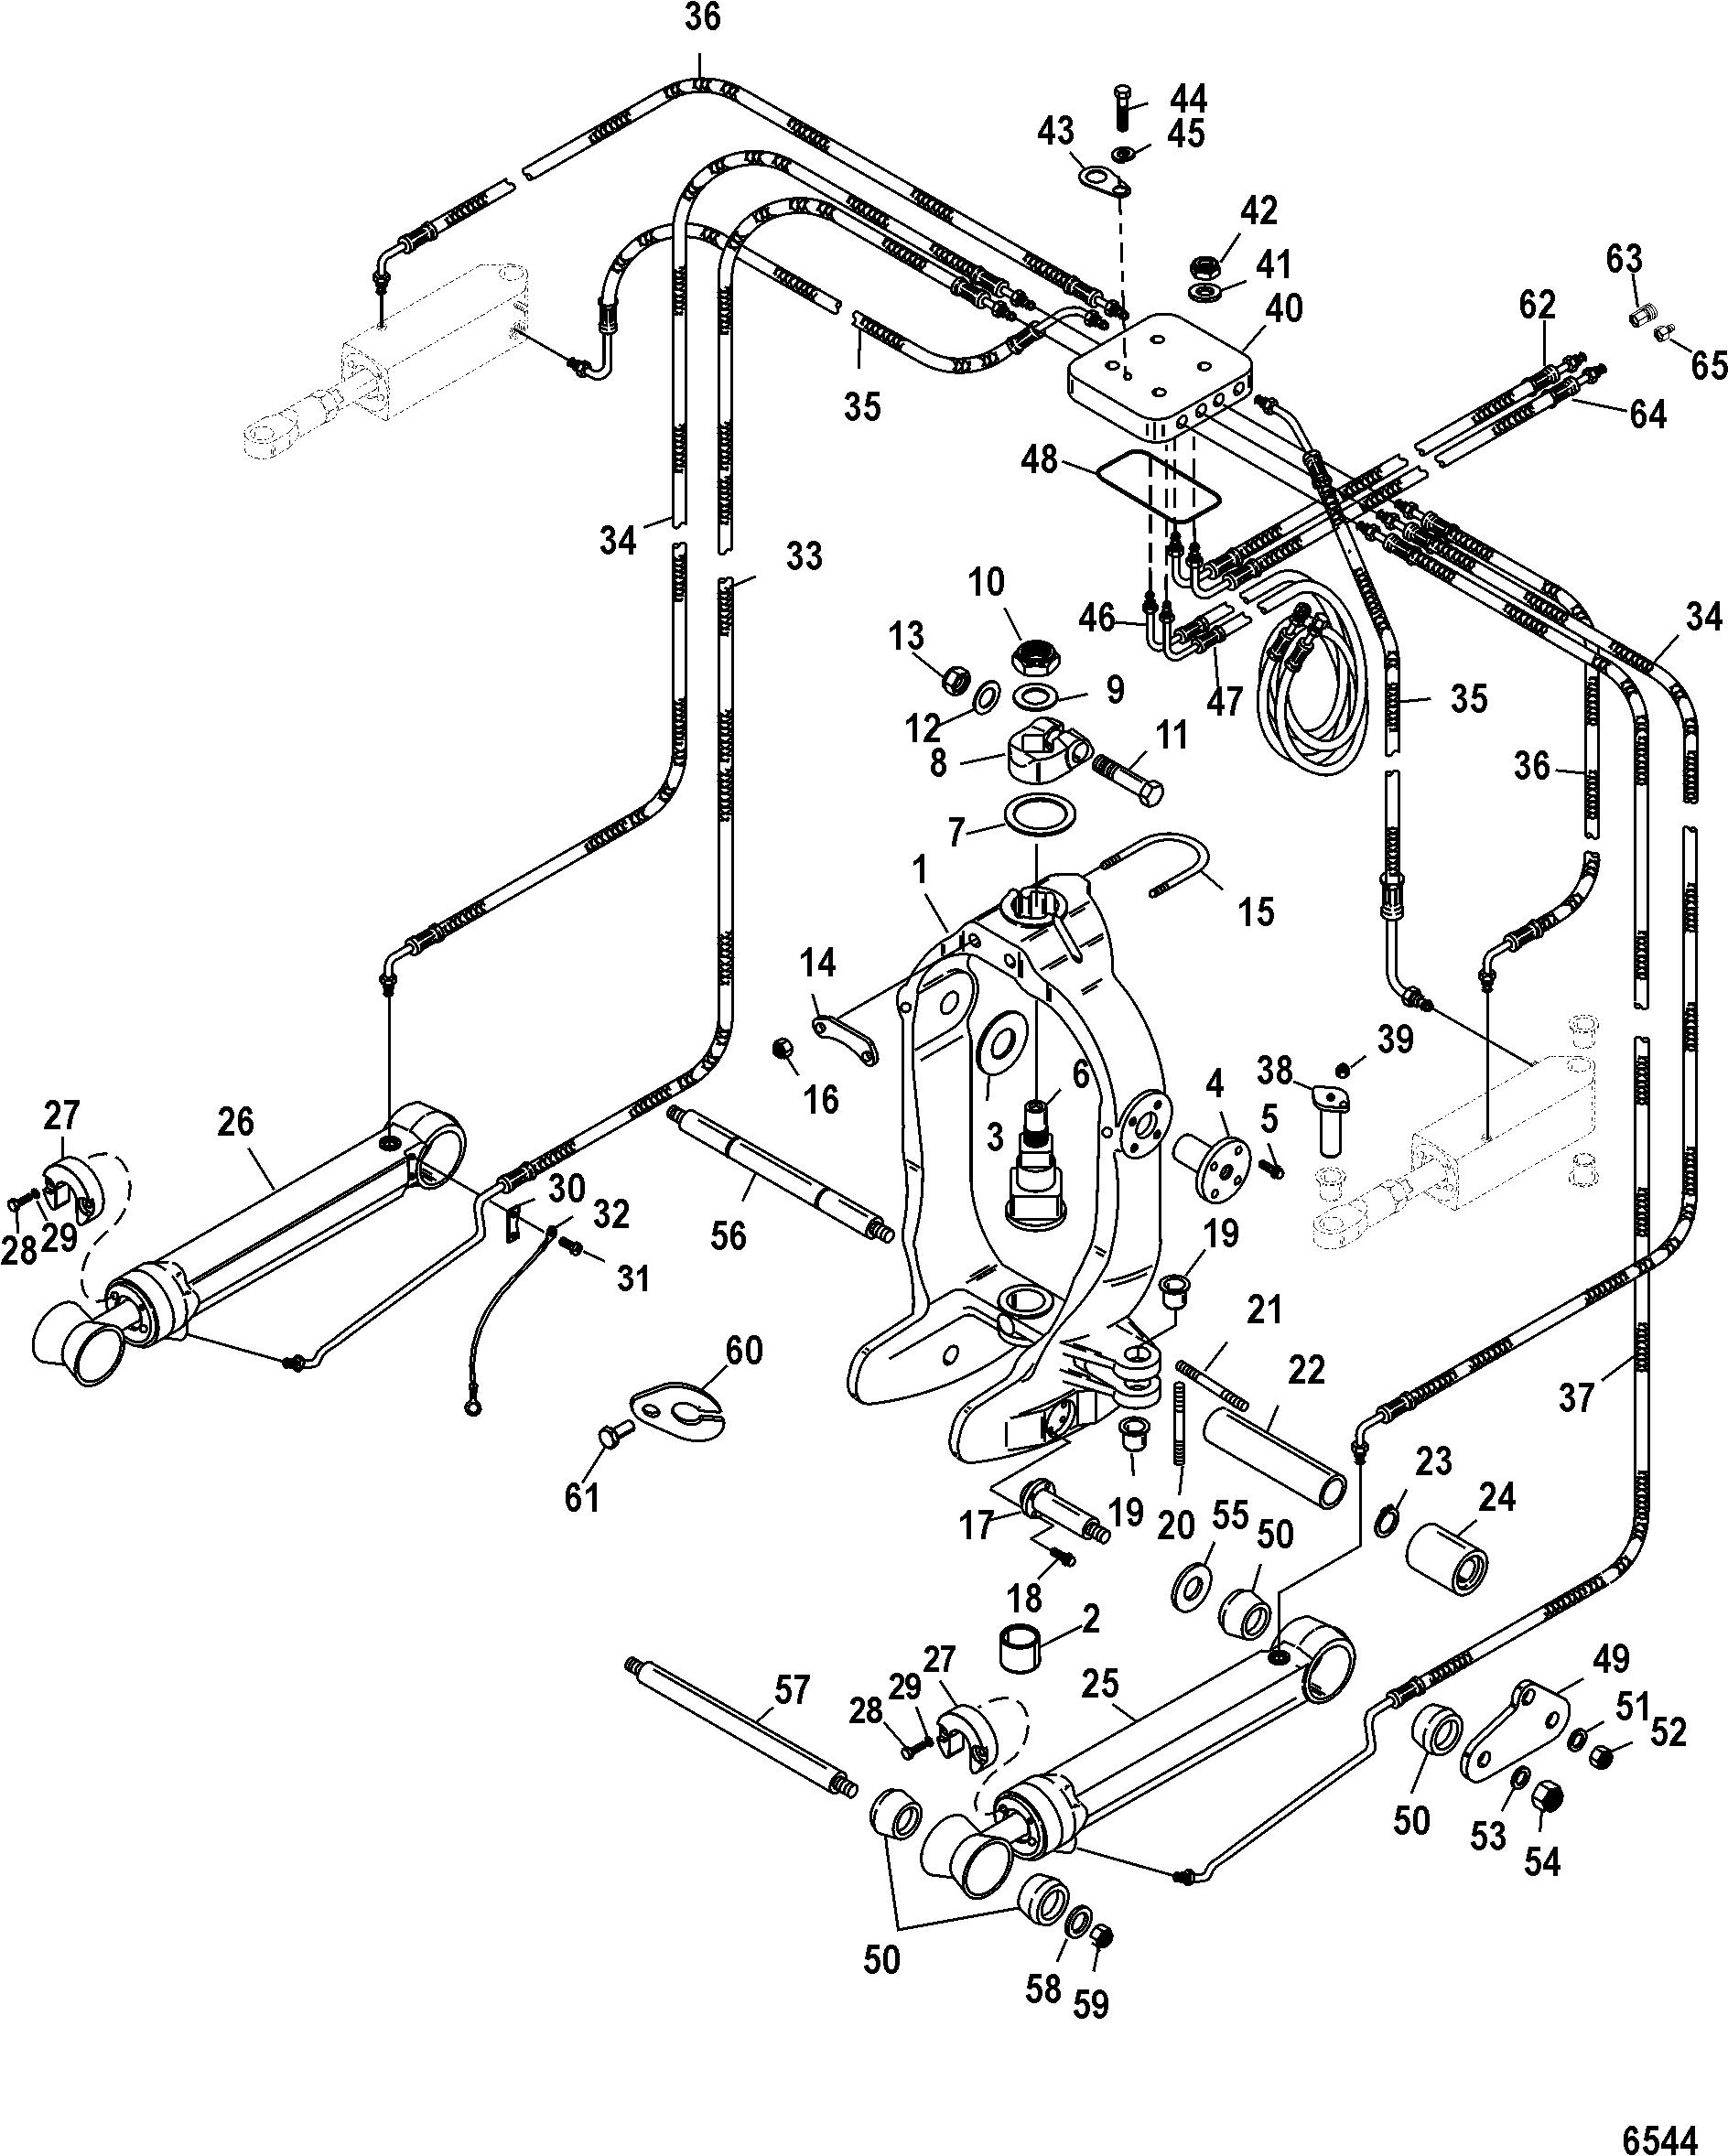 Gimbal Ring Integrated Transom FOR MERCRUISER / RACE